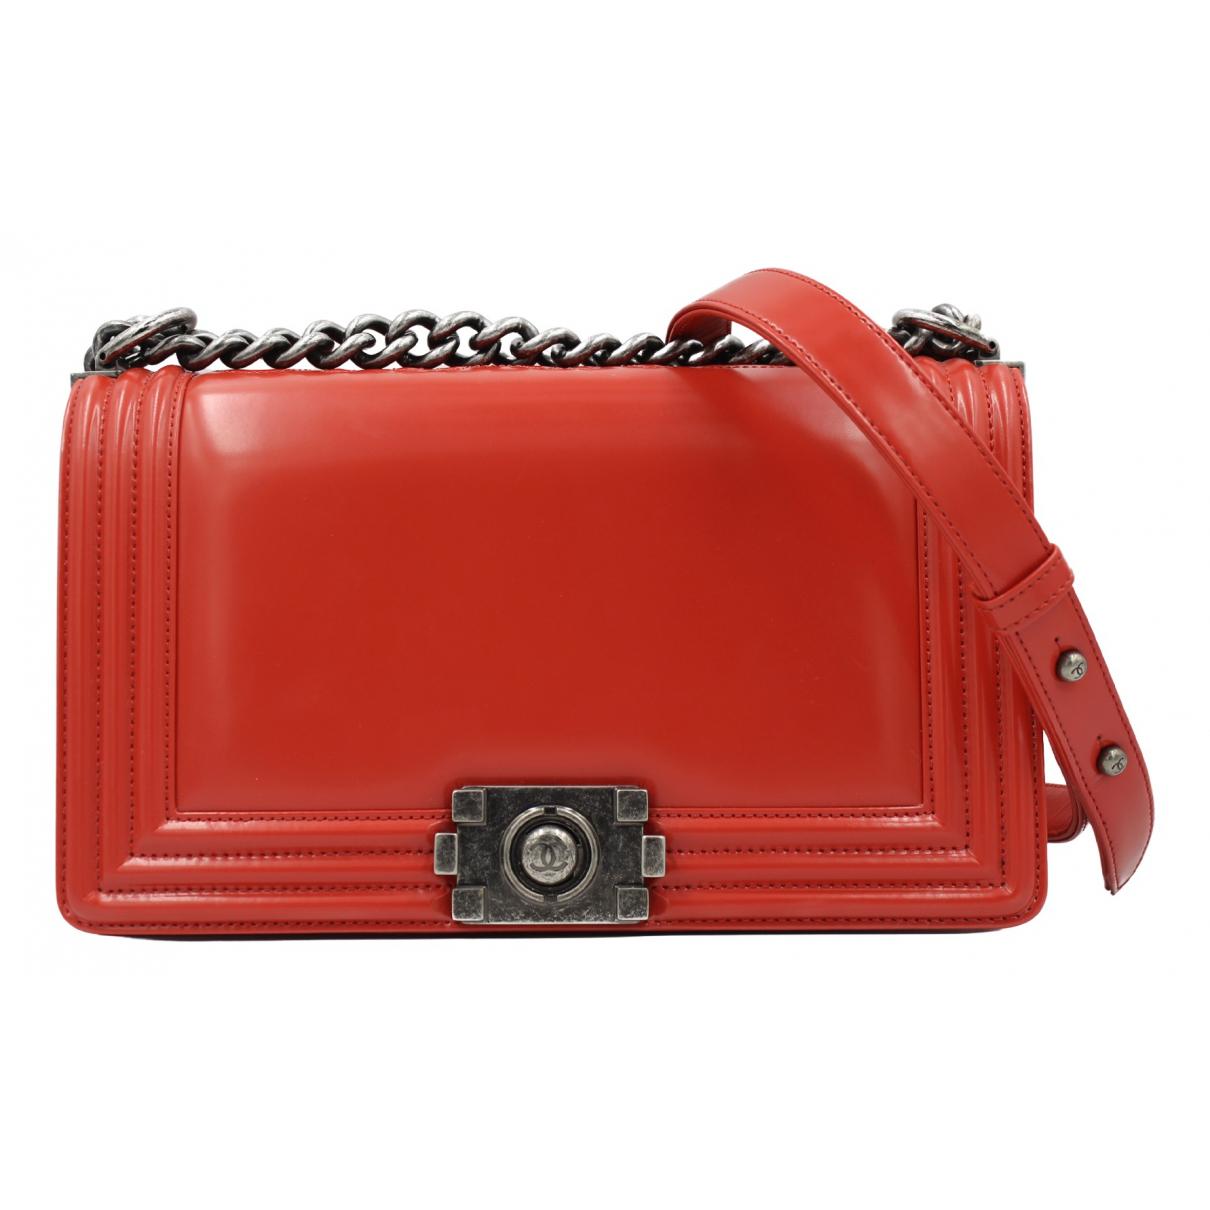 Chanel - Sac a main Boy pour femme en cuir - rouge